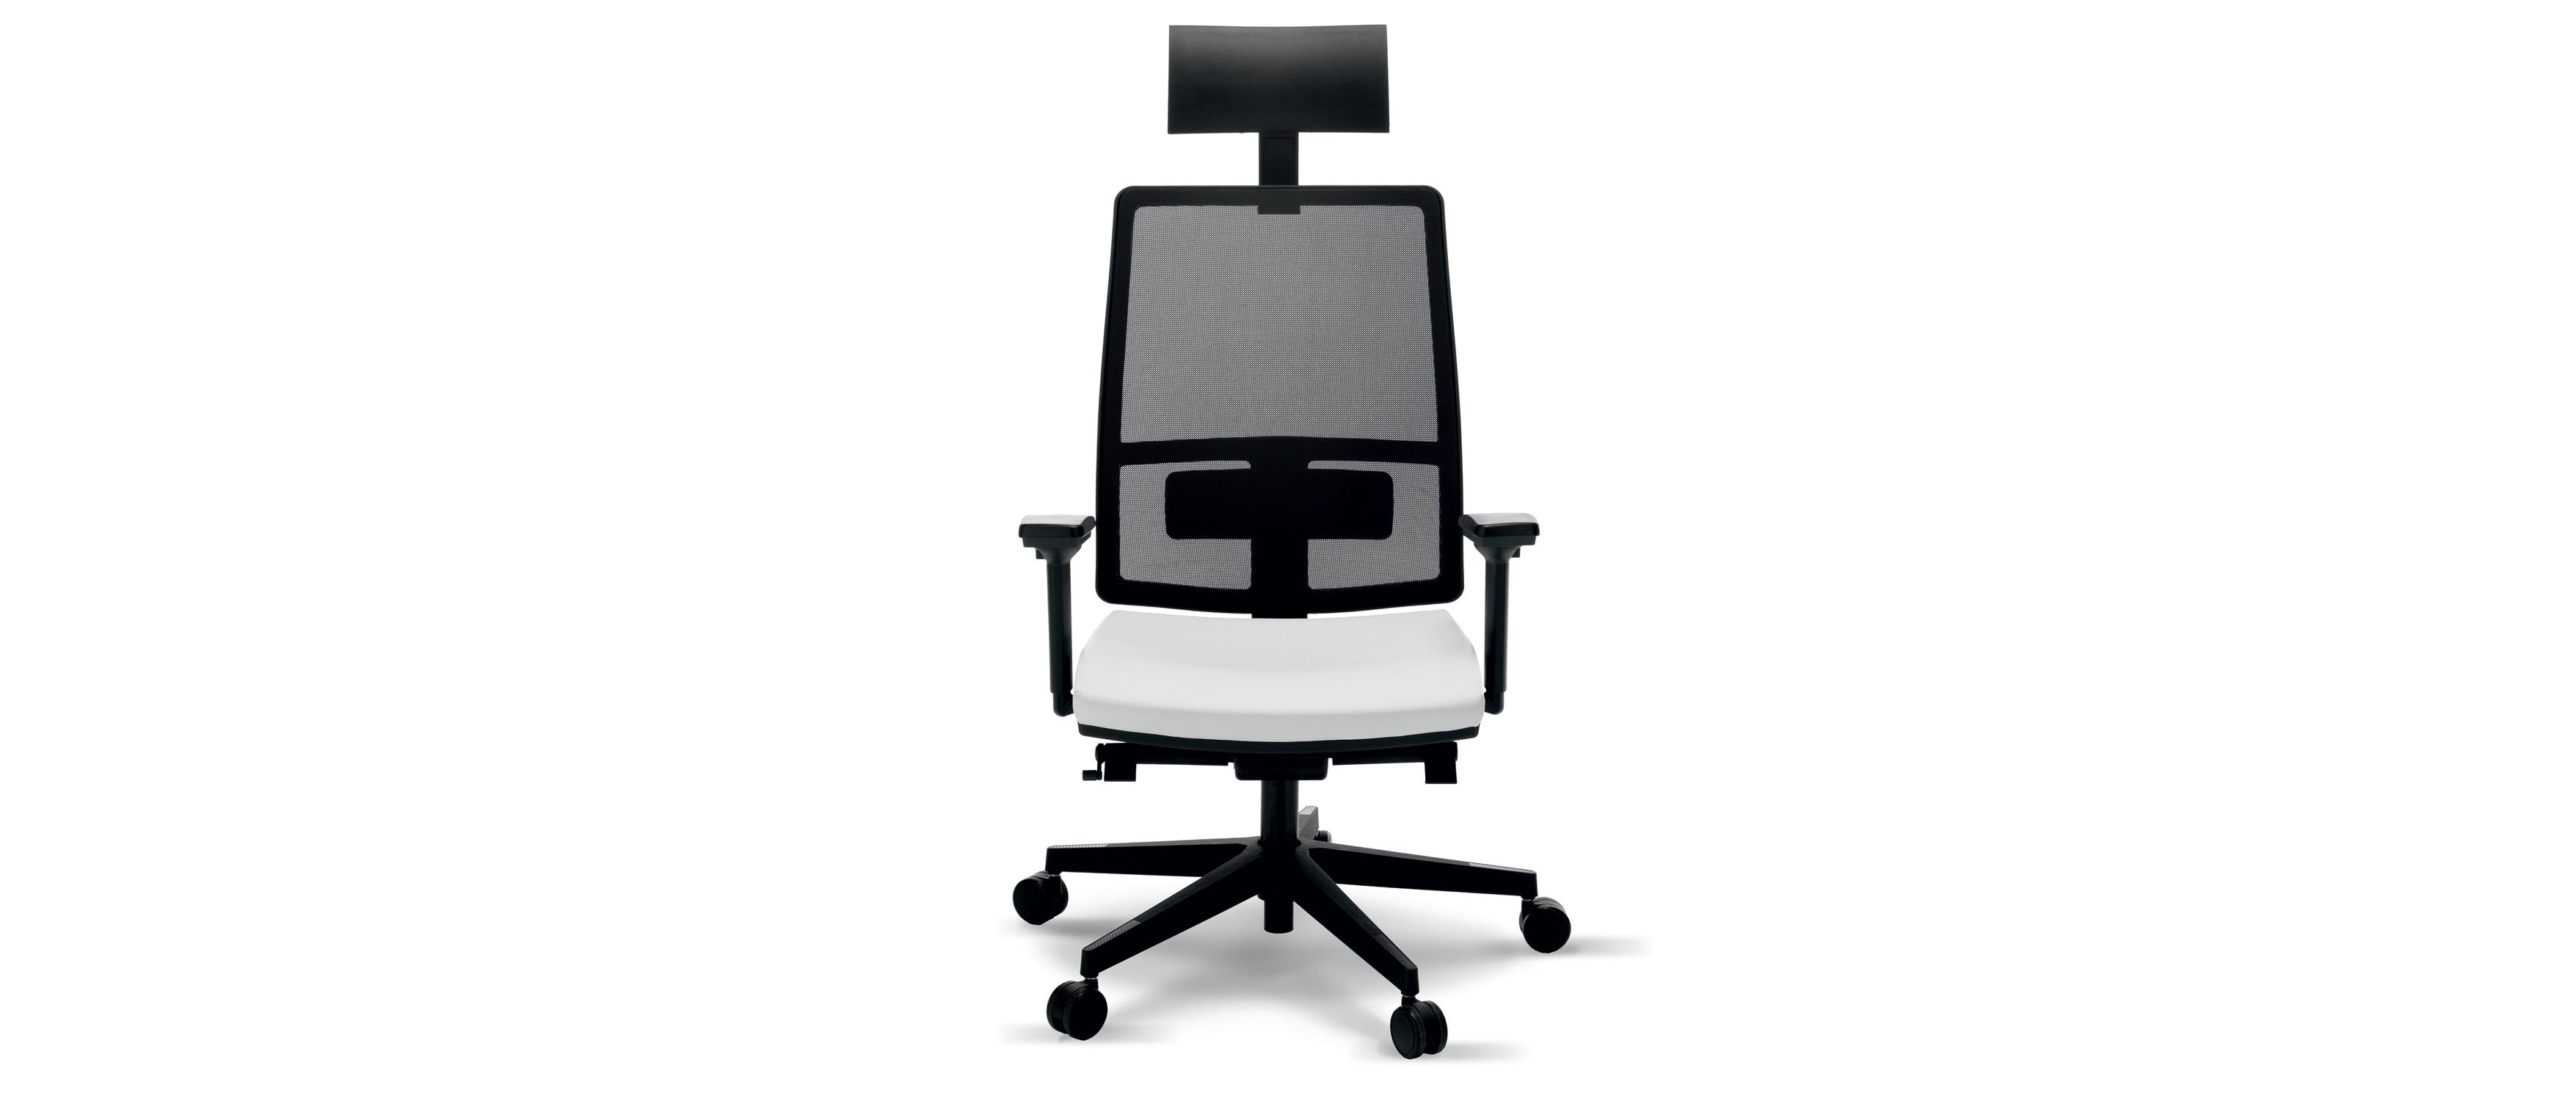 oltre avec appui tete chaise de bureau rembourrage mousse en polyu